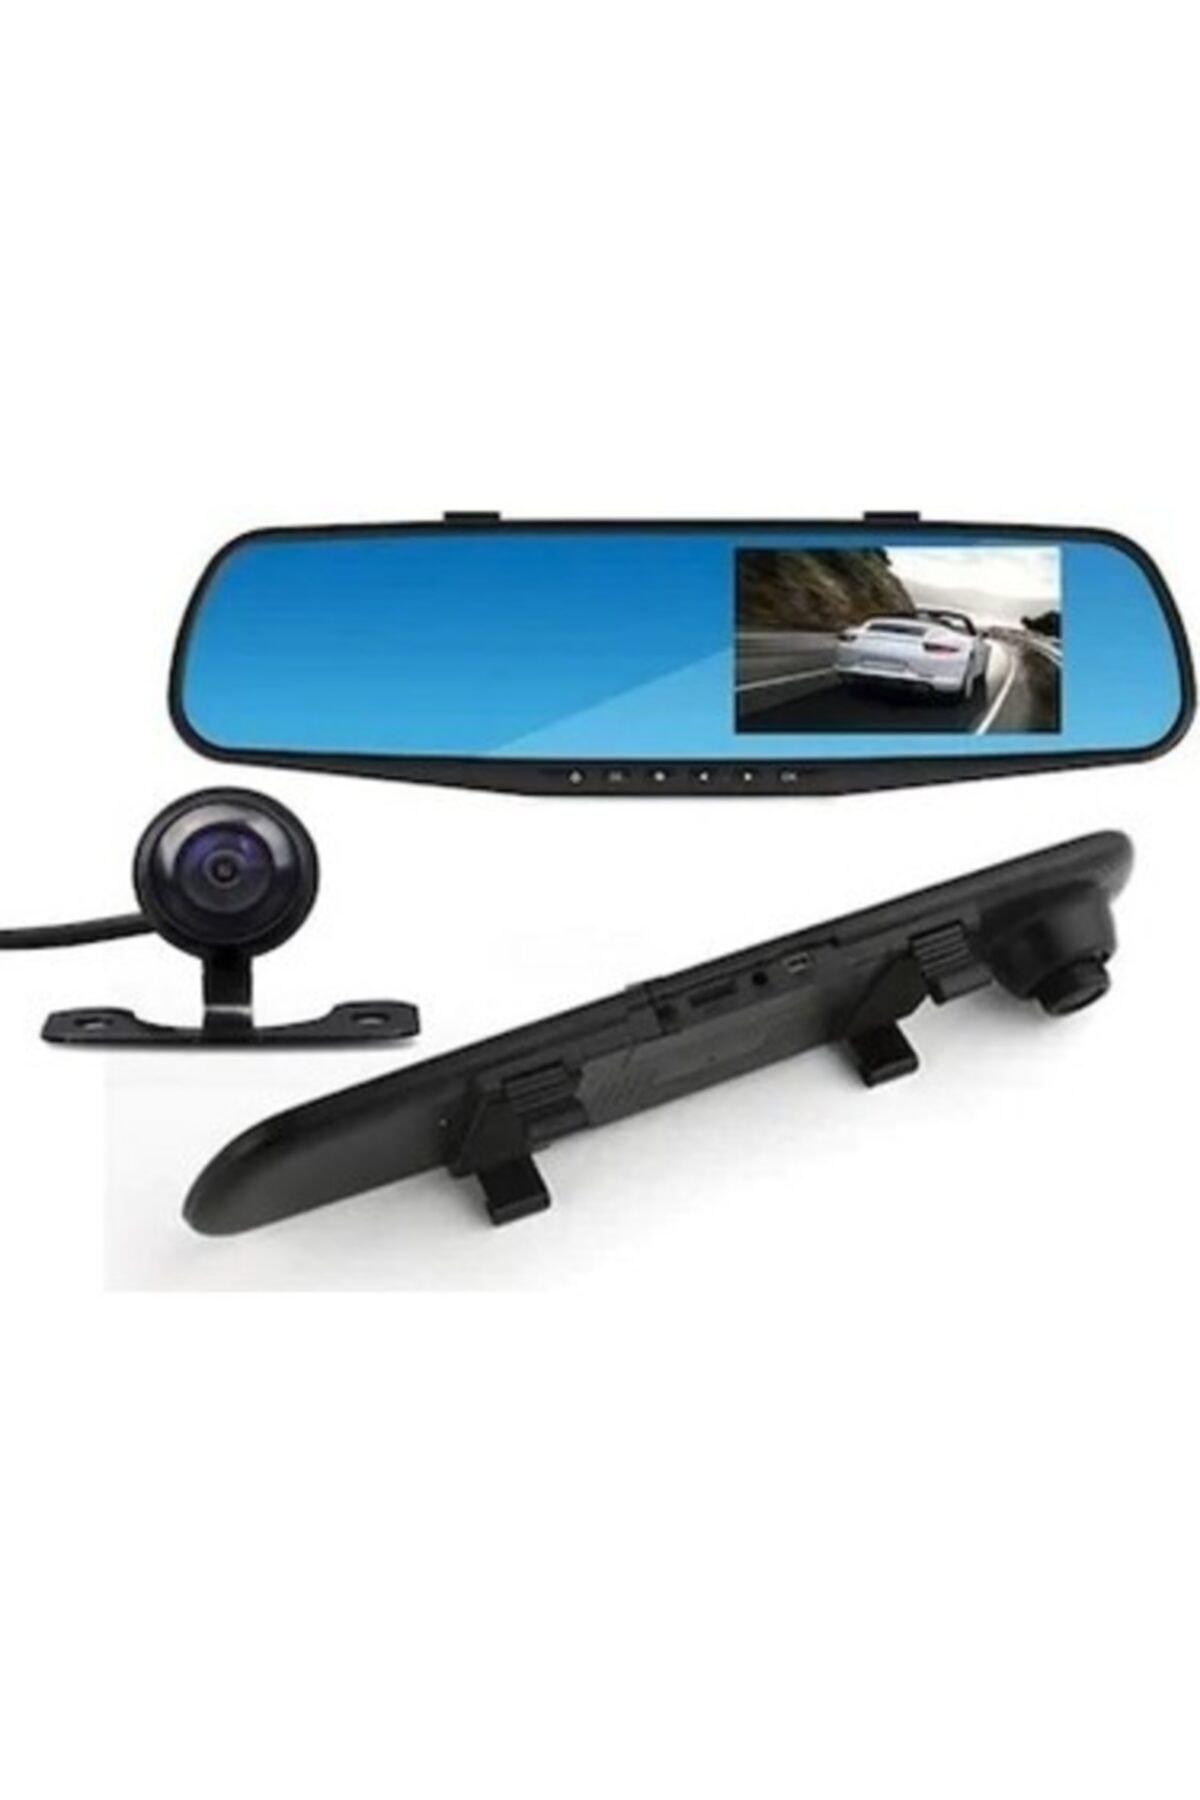 Piranha Araç Içi Yol Kayıt Kamerası 2